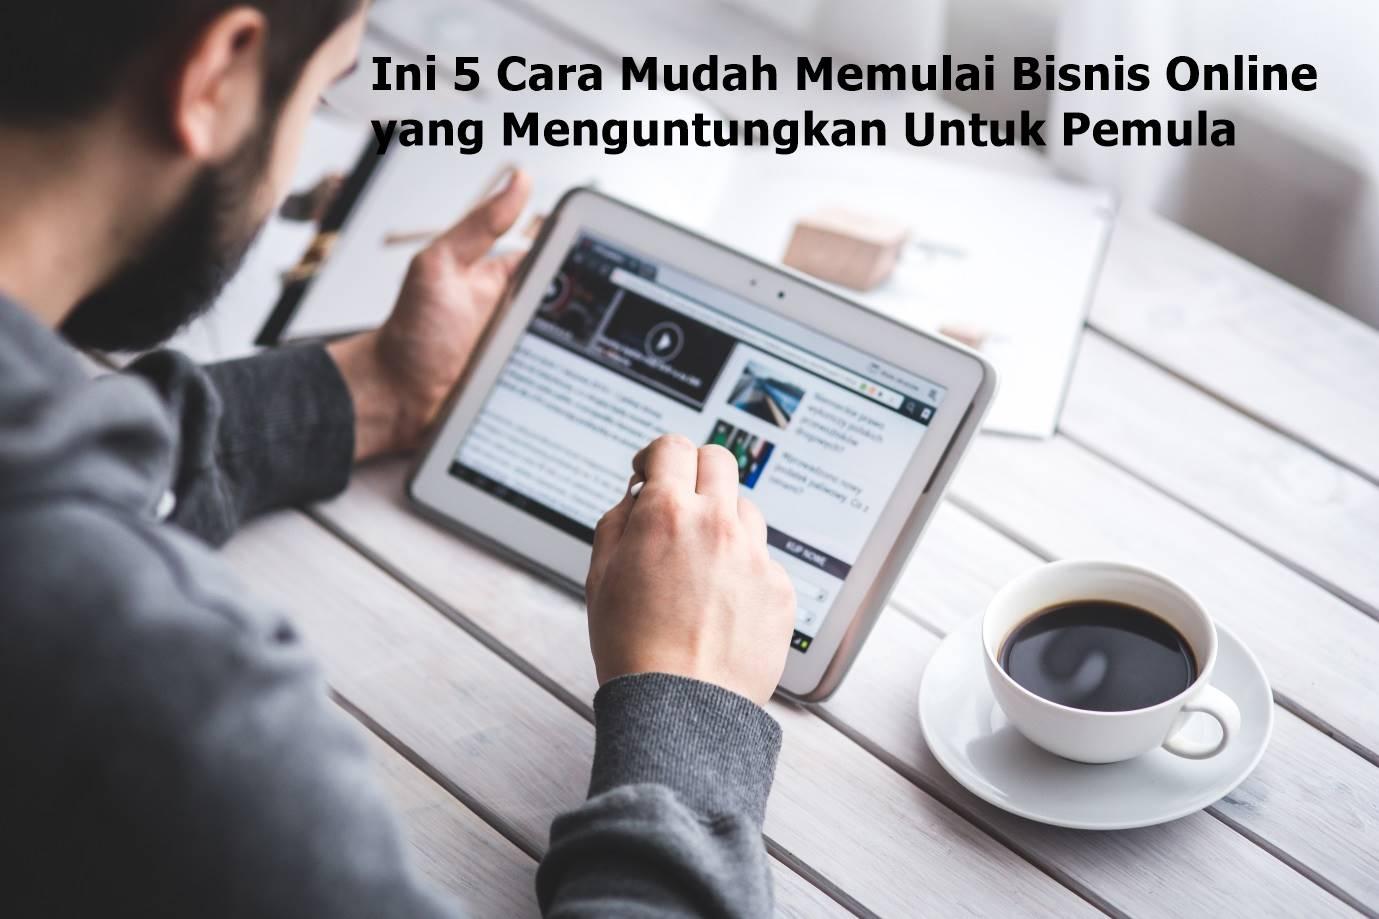 Ini 5 Cara Mudah Memulai Bisnis Online yang Menguntungkan ...